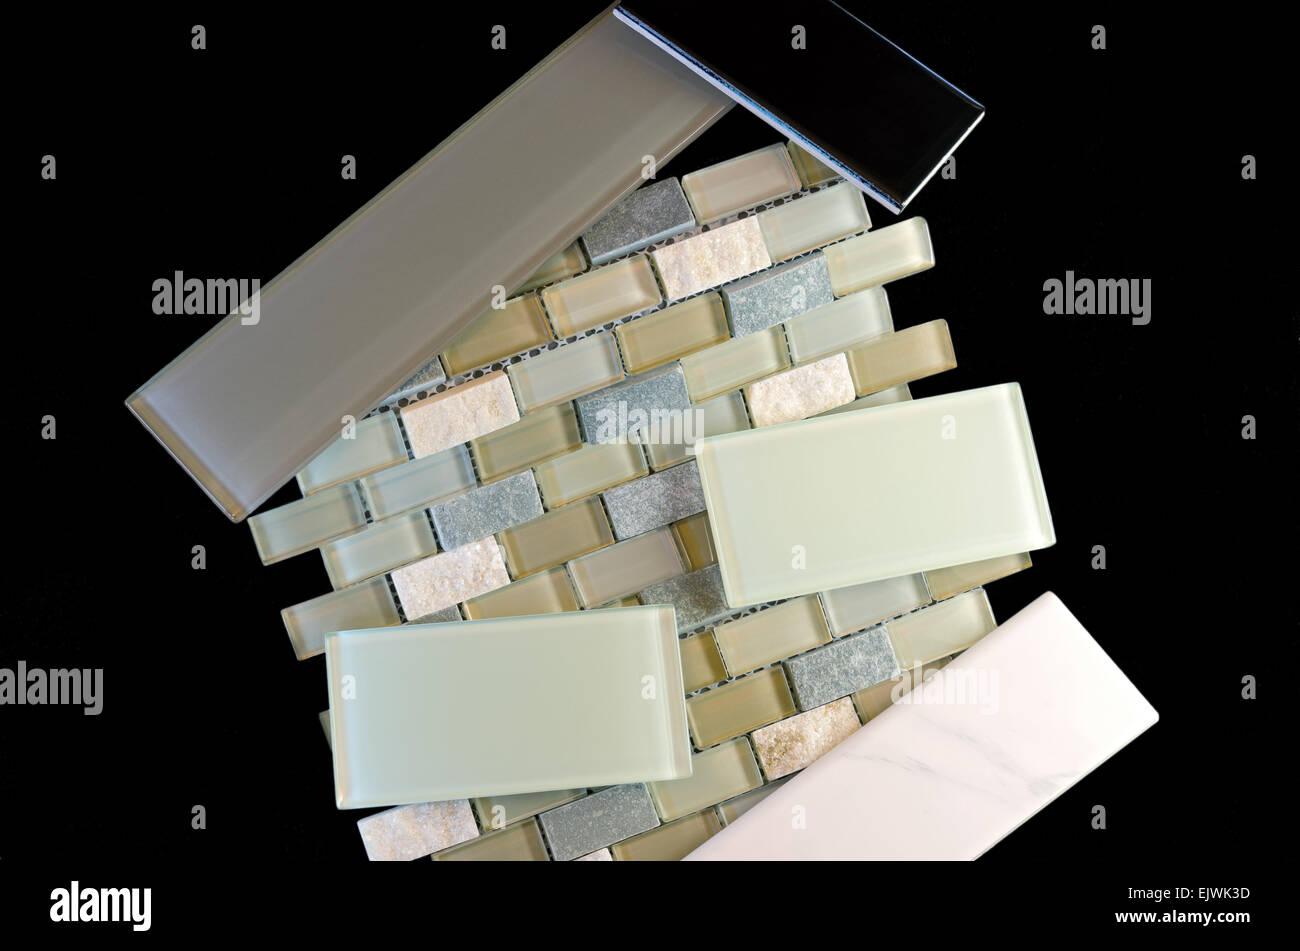 Glas Fliesen Im Subway Stil Mesh Montiert Mosaik Fliese Aus Keramik Und  Porzellan Fliesen In Küche Und Bad Backsplashes Und Wand Verwendet